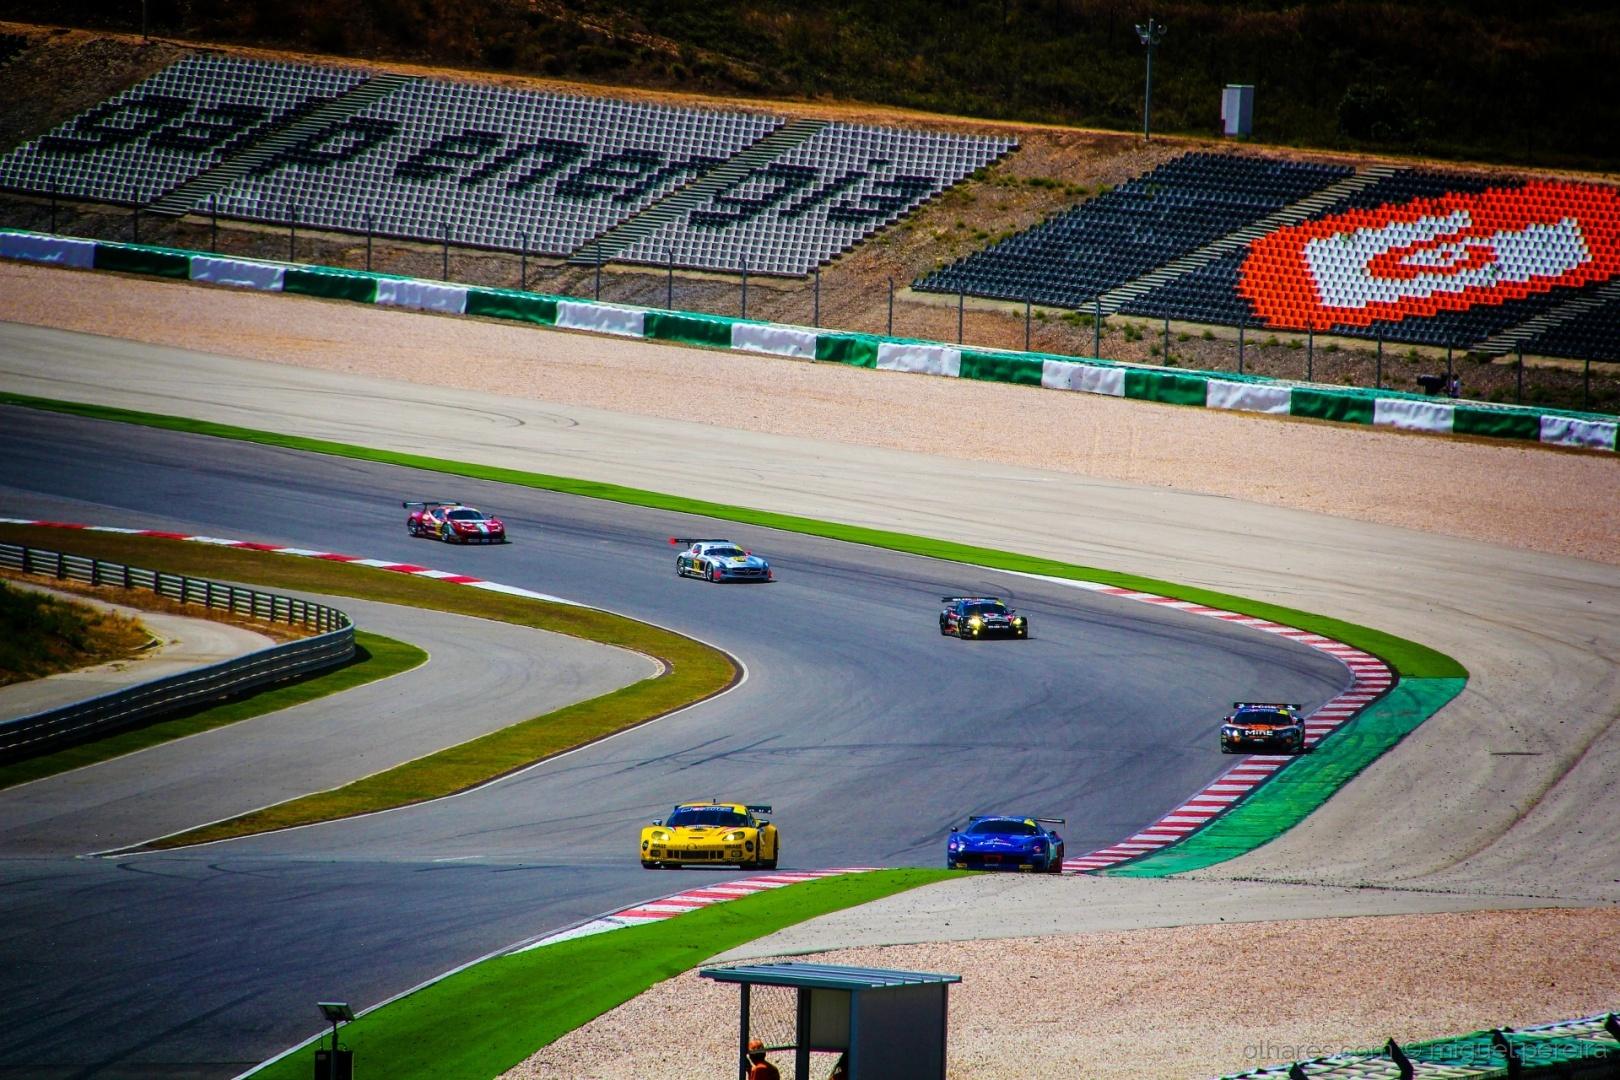 Desporto e Ação/Racing